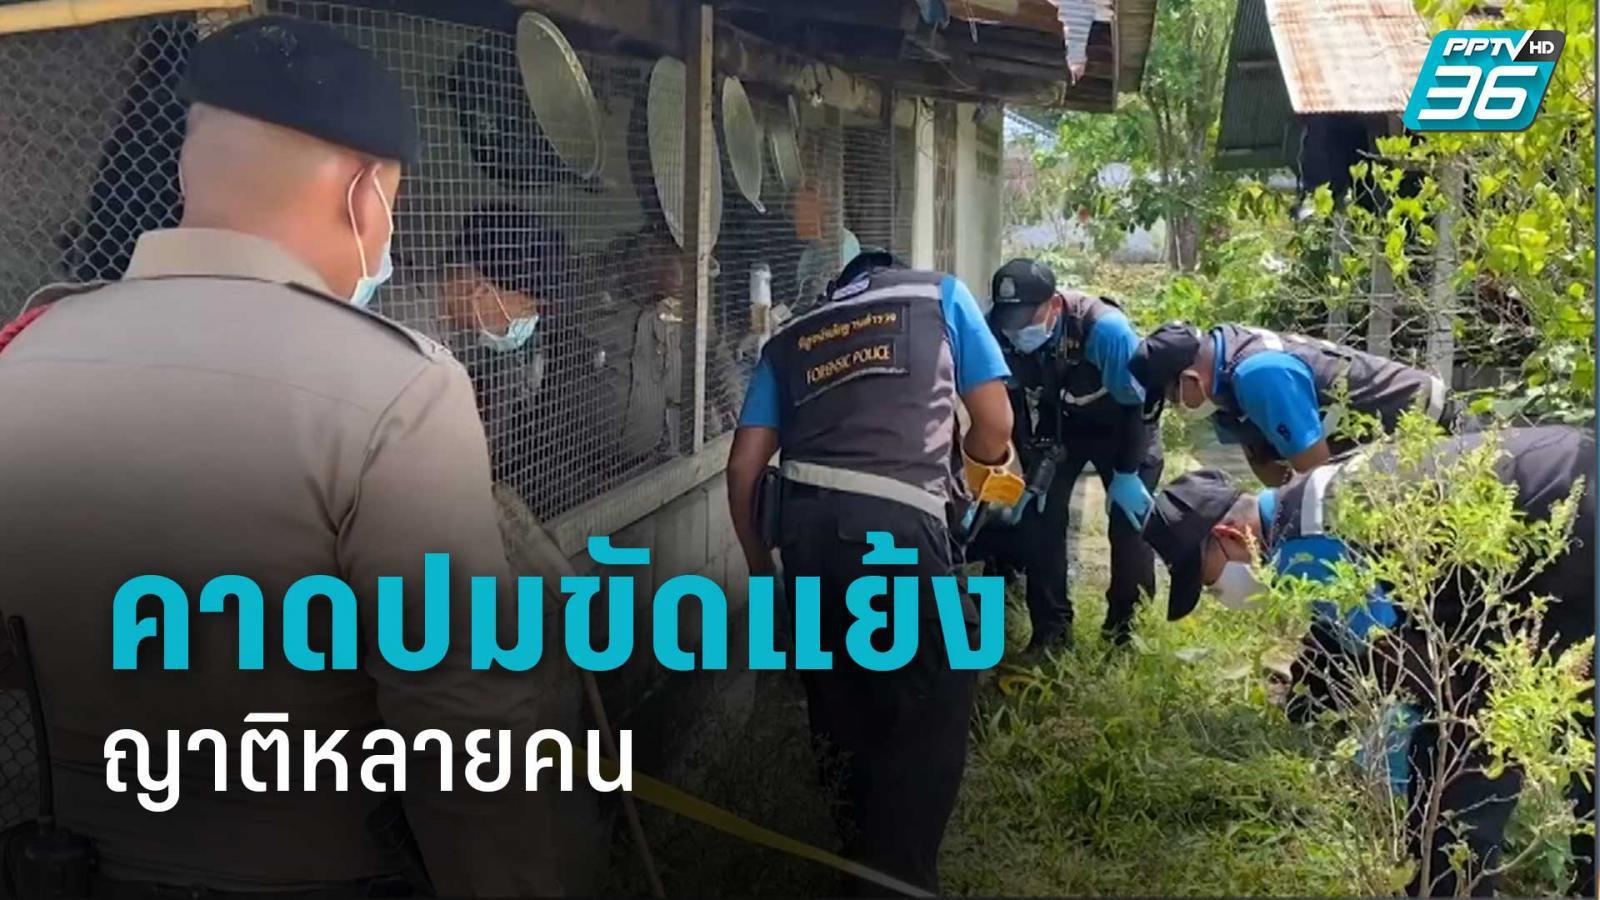 ซุ่มยิงหญิง 69 ปี คาดปมขัดแย้งญาติหลายคน